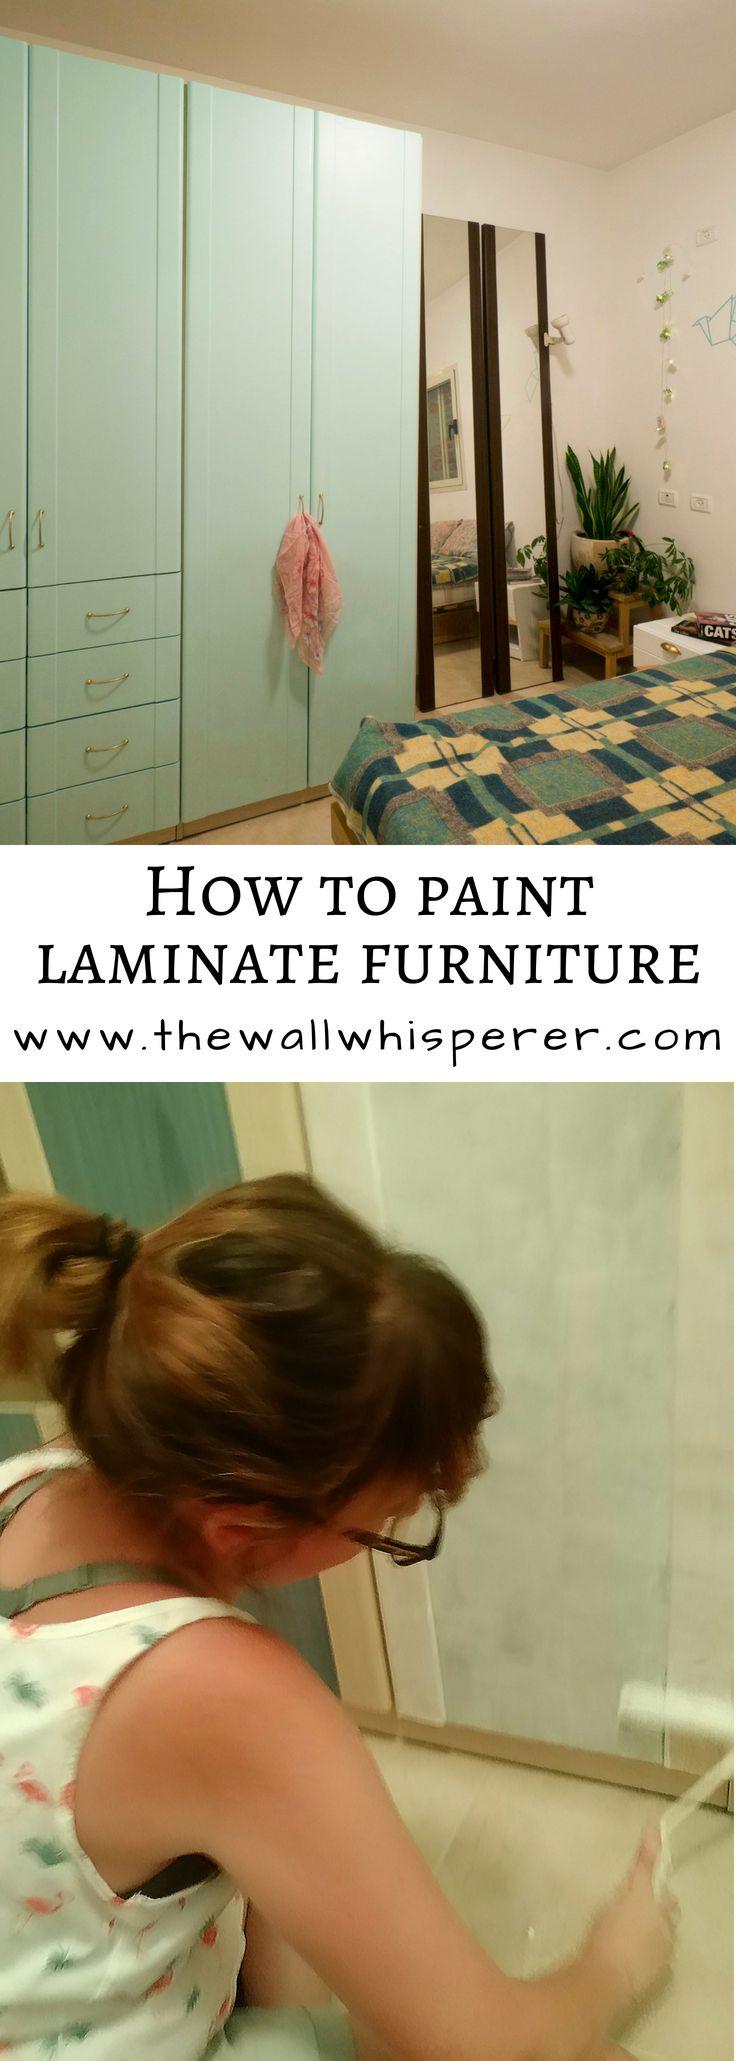 Übermalung von Laminatmöbeln – Umarbeitung der Schränke – im Rahmen eines Budget-DIY-Projekts